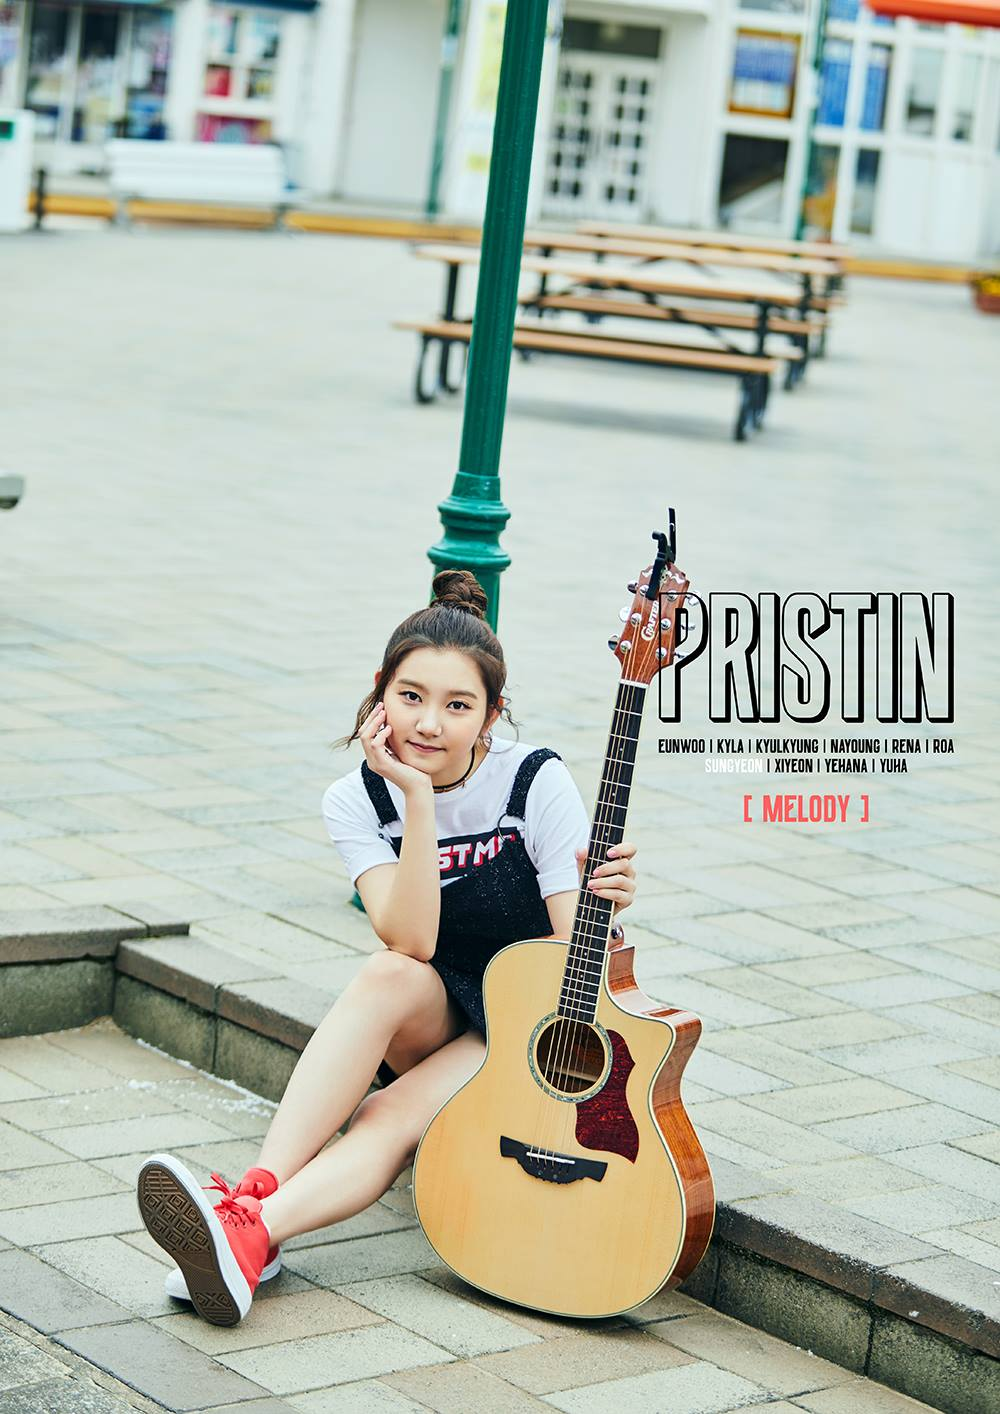 pristin sungyeon